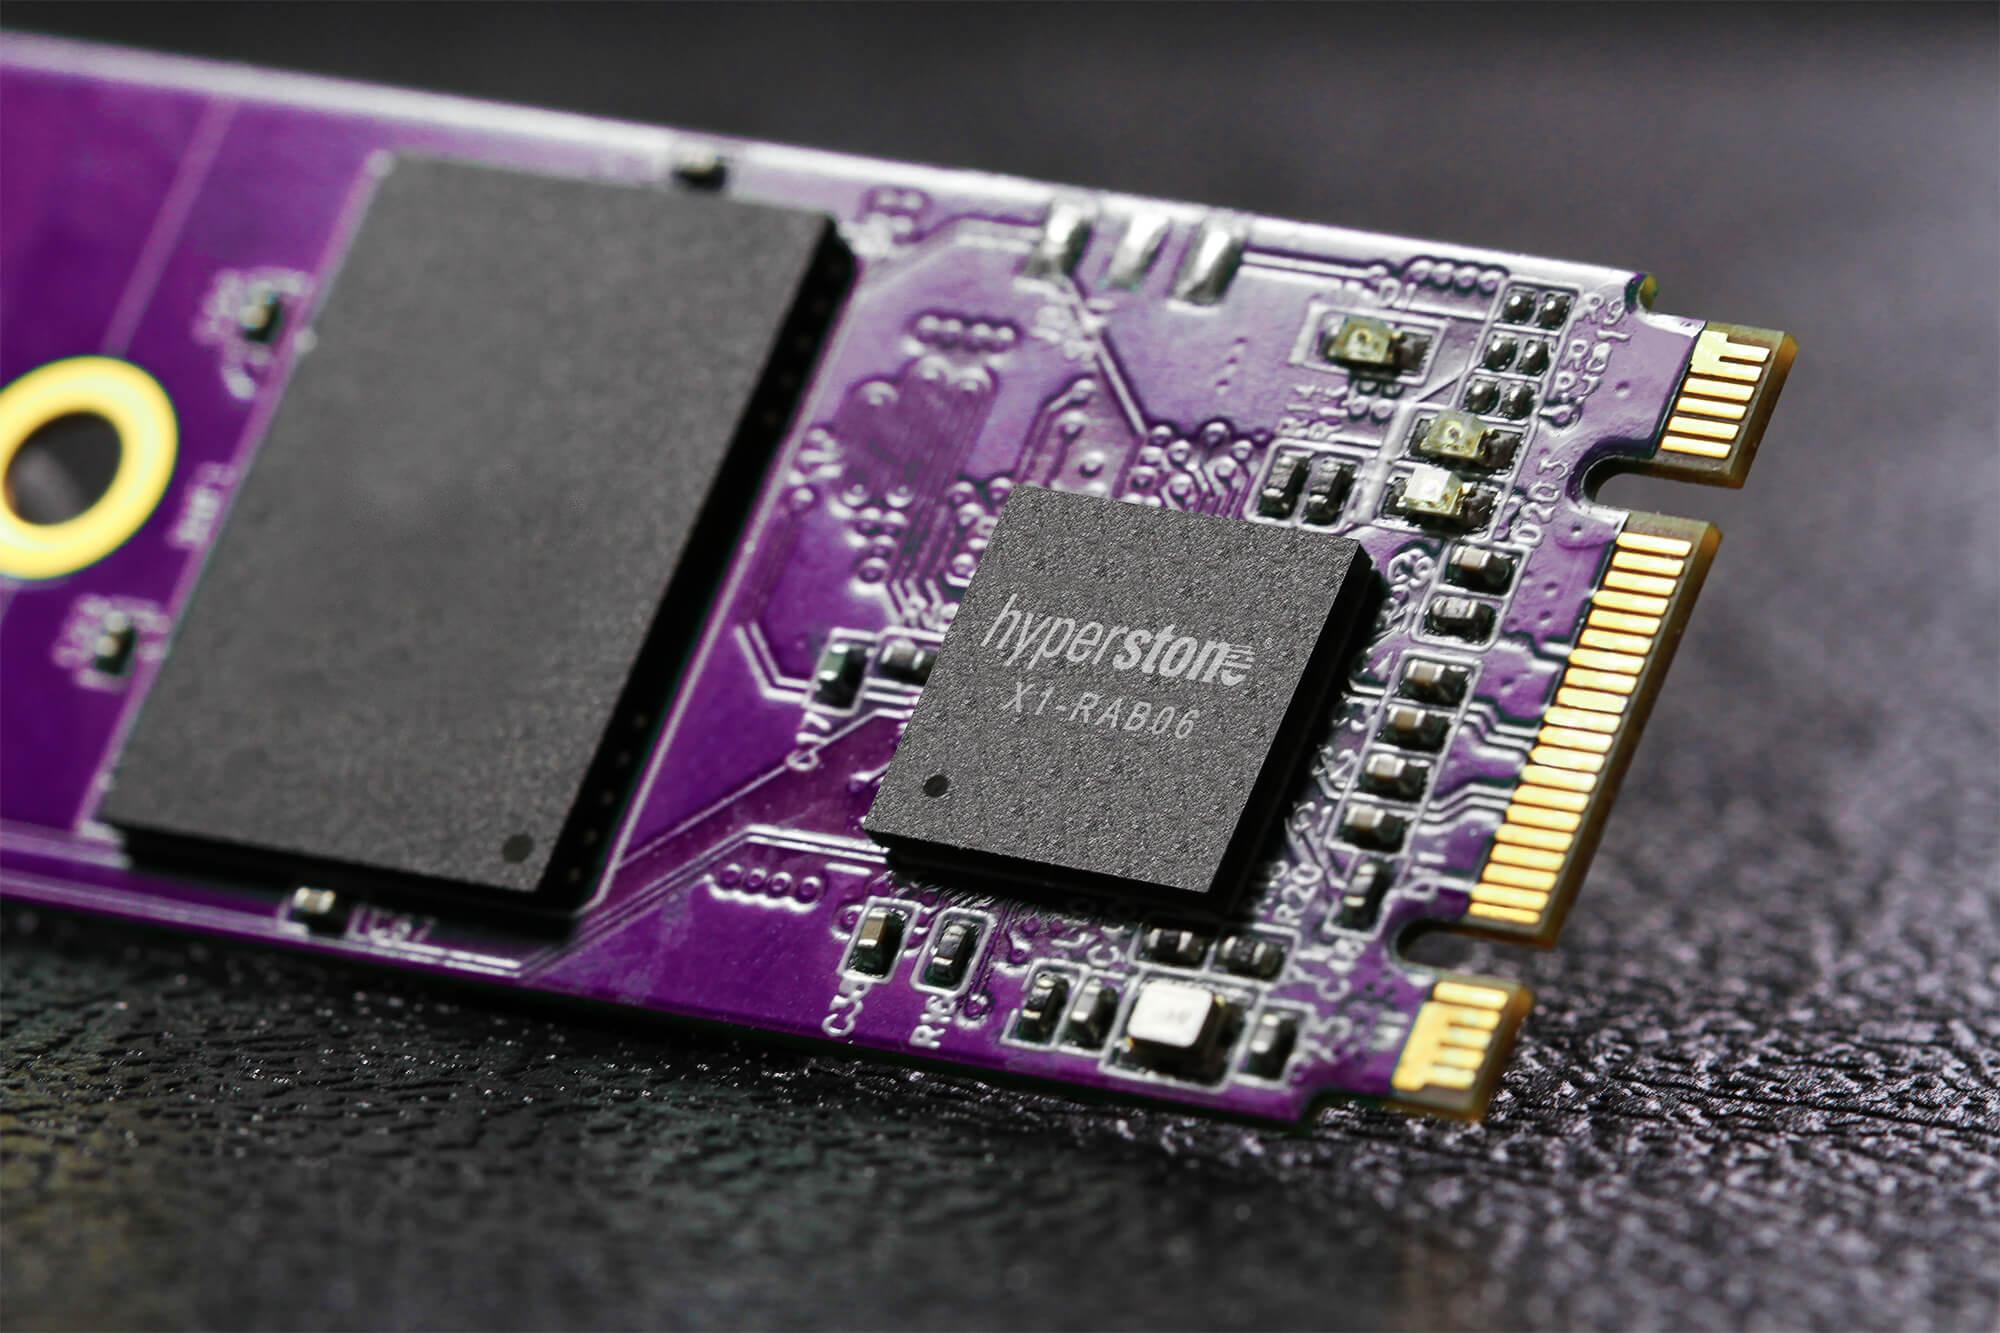 Память NAND дешевеет, но продаётся во всё бóльших объёмах